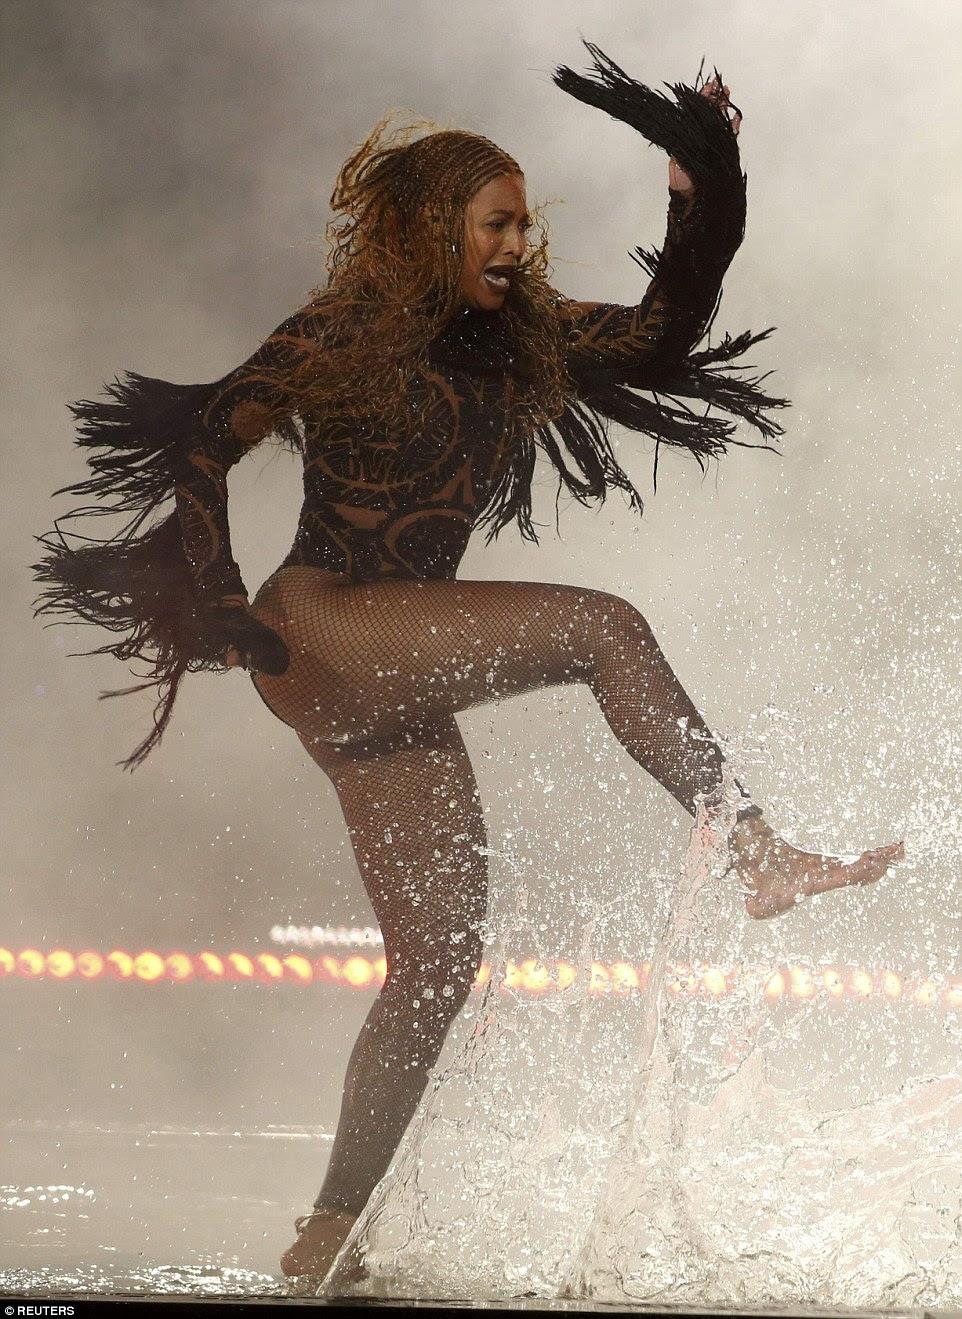 Colocando-se os pés dela: Seu olhar veio completo com meias arrastão, enquanto dançava atrás de Kendrick